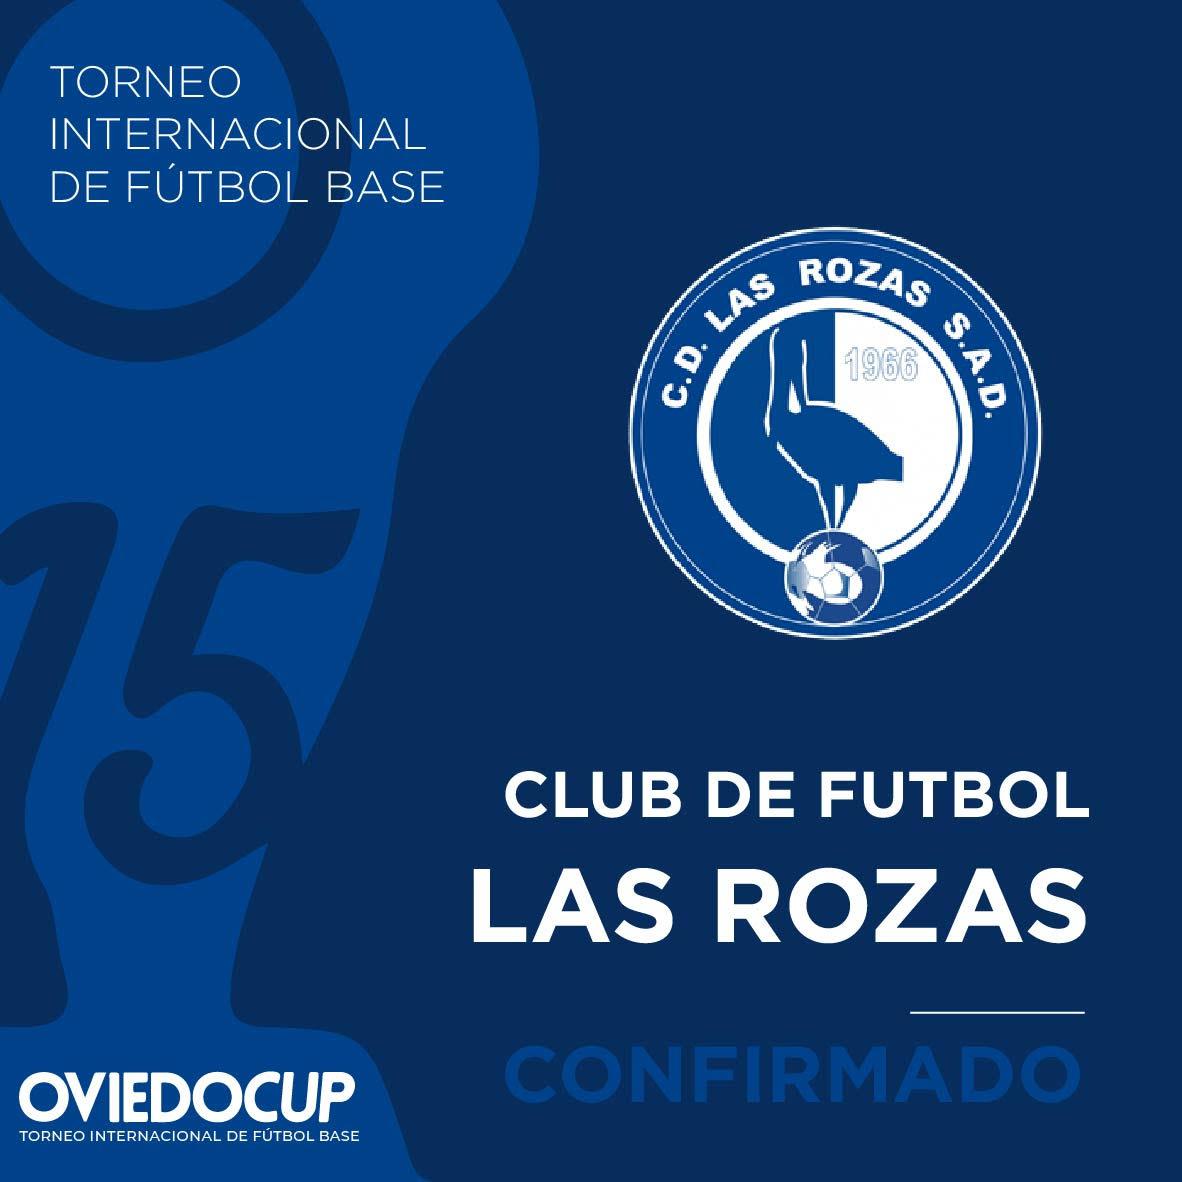   EQUIPO CONFIRMADO  ¡¡El club roceño estará presente en la #OviedoCup2020!! @LasRozas_CF  #TorneoInternacional #FútboBase #OviedoCup #XVEdición #SemanaSantapic.twitter.com/lcTO8PvC8a